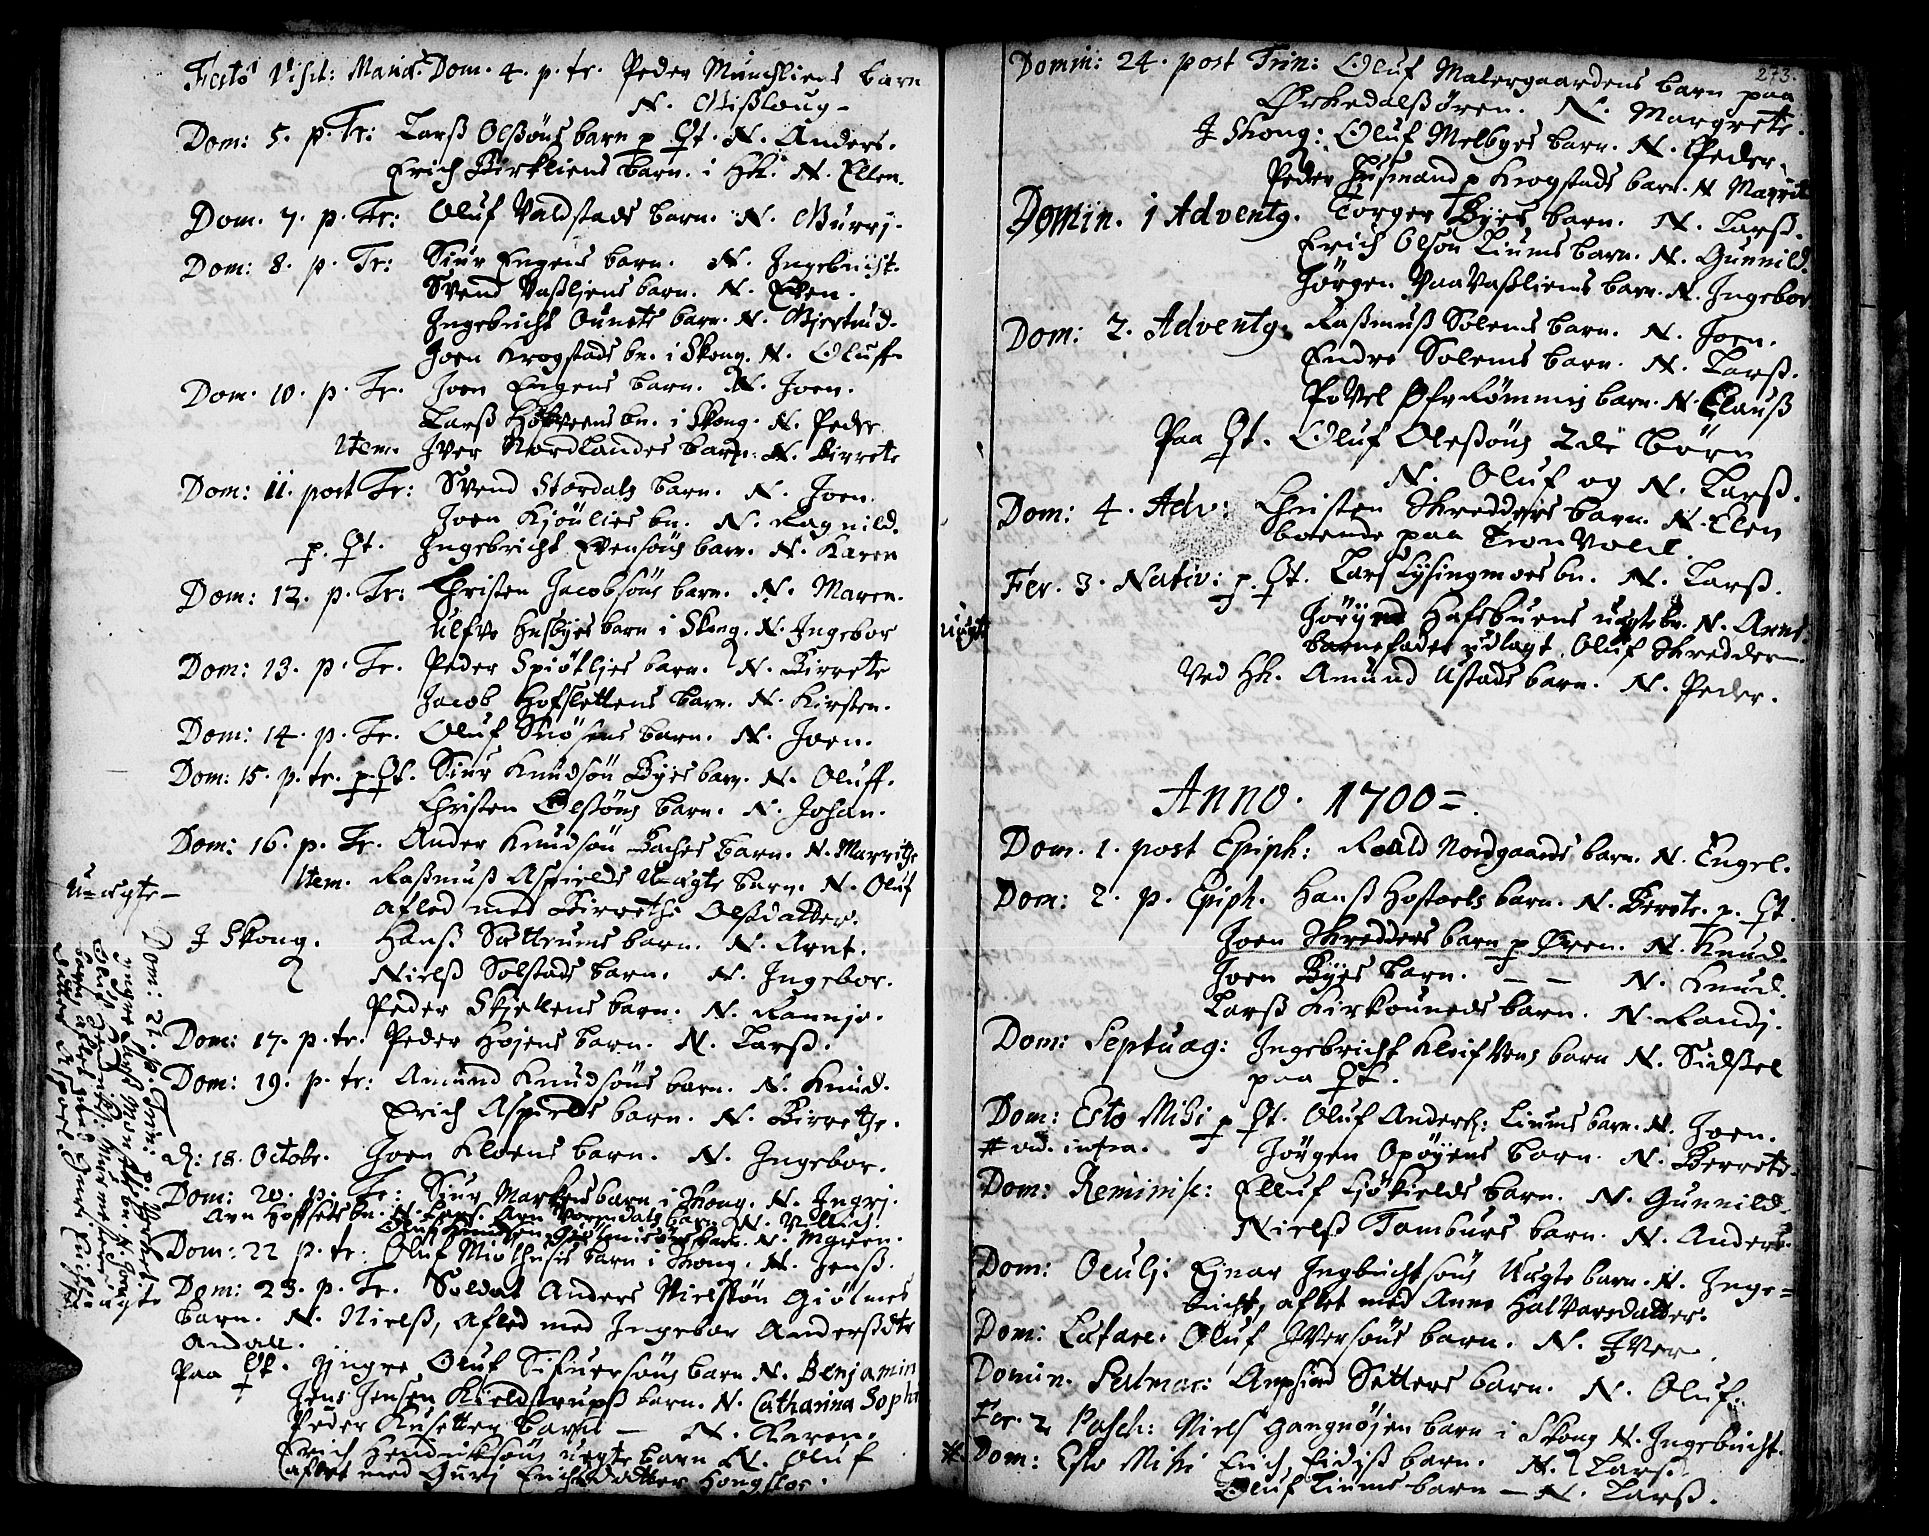 SAT, Ministerialprotokoller, klokkerbøker og fødselsregistre - Sør-Trøndelag, 668/L0801: Ministerialbok nr. 668A01, 1695-1716, s. 272-273